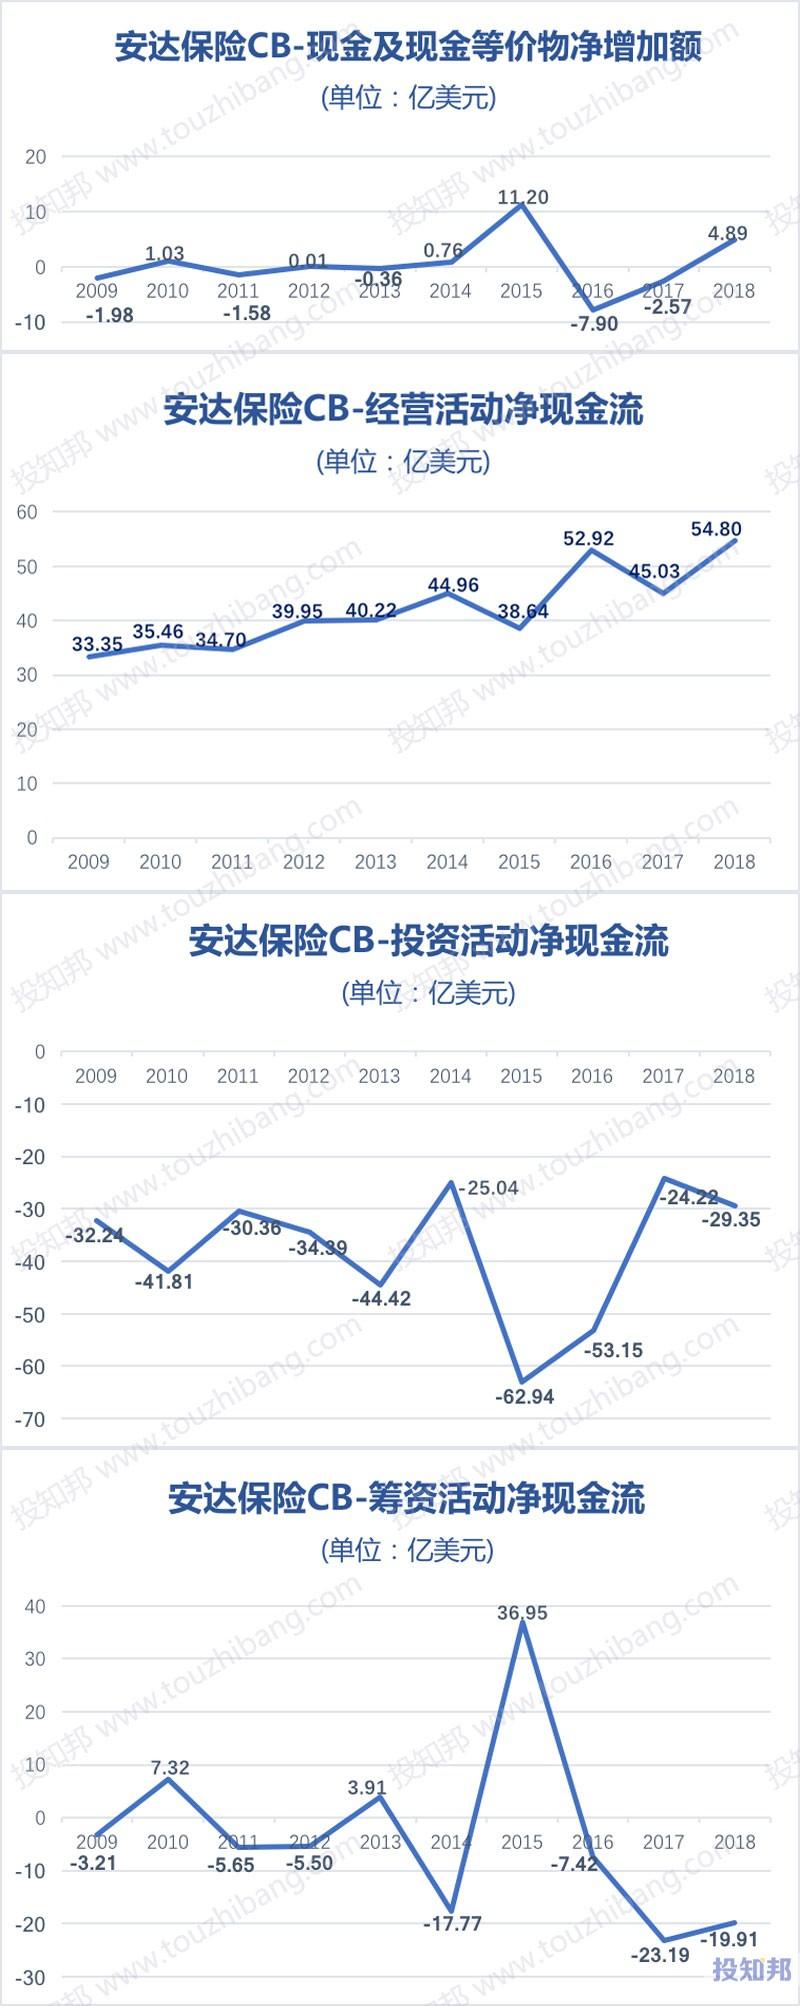 图解安达保险(CB)财报数据(2009年~2019年Q3)